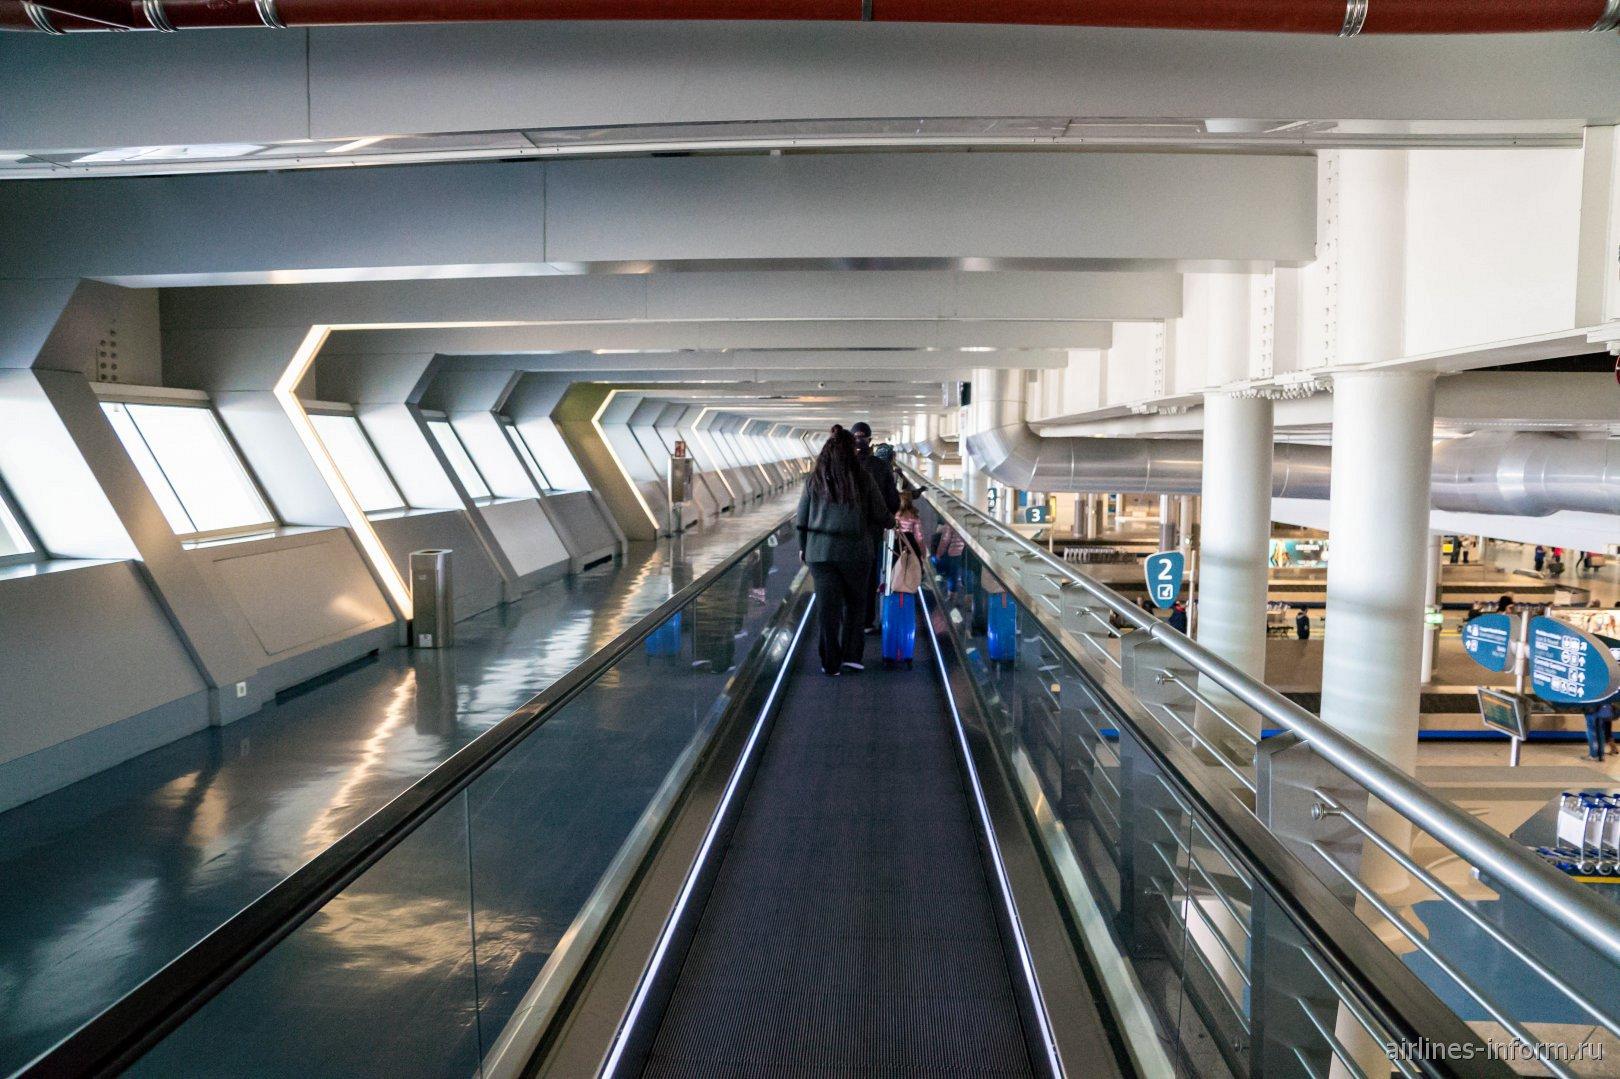 Галерея прибытия в аэропорту Порту имени Франсишку Карнейру